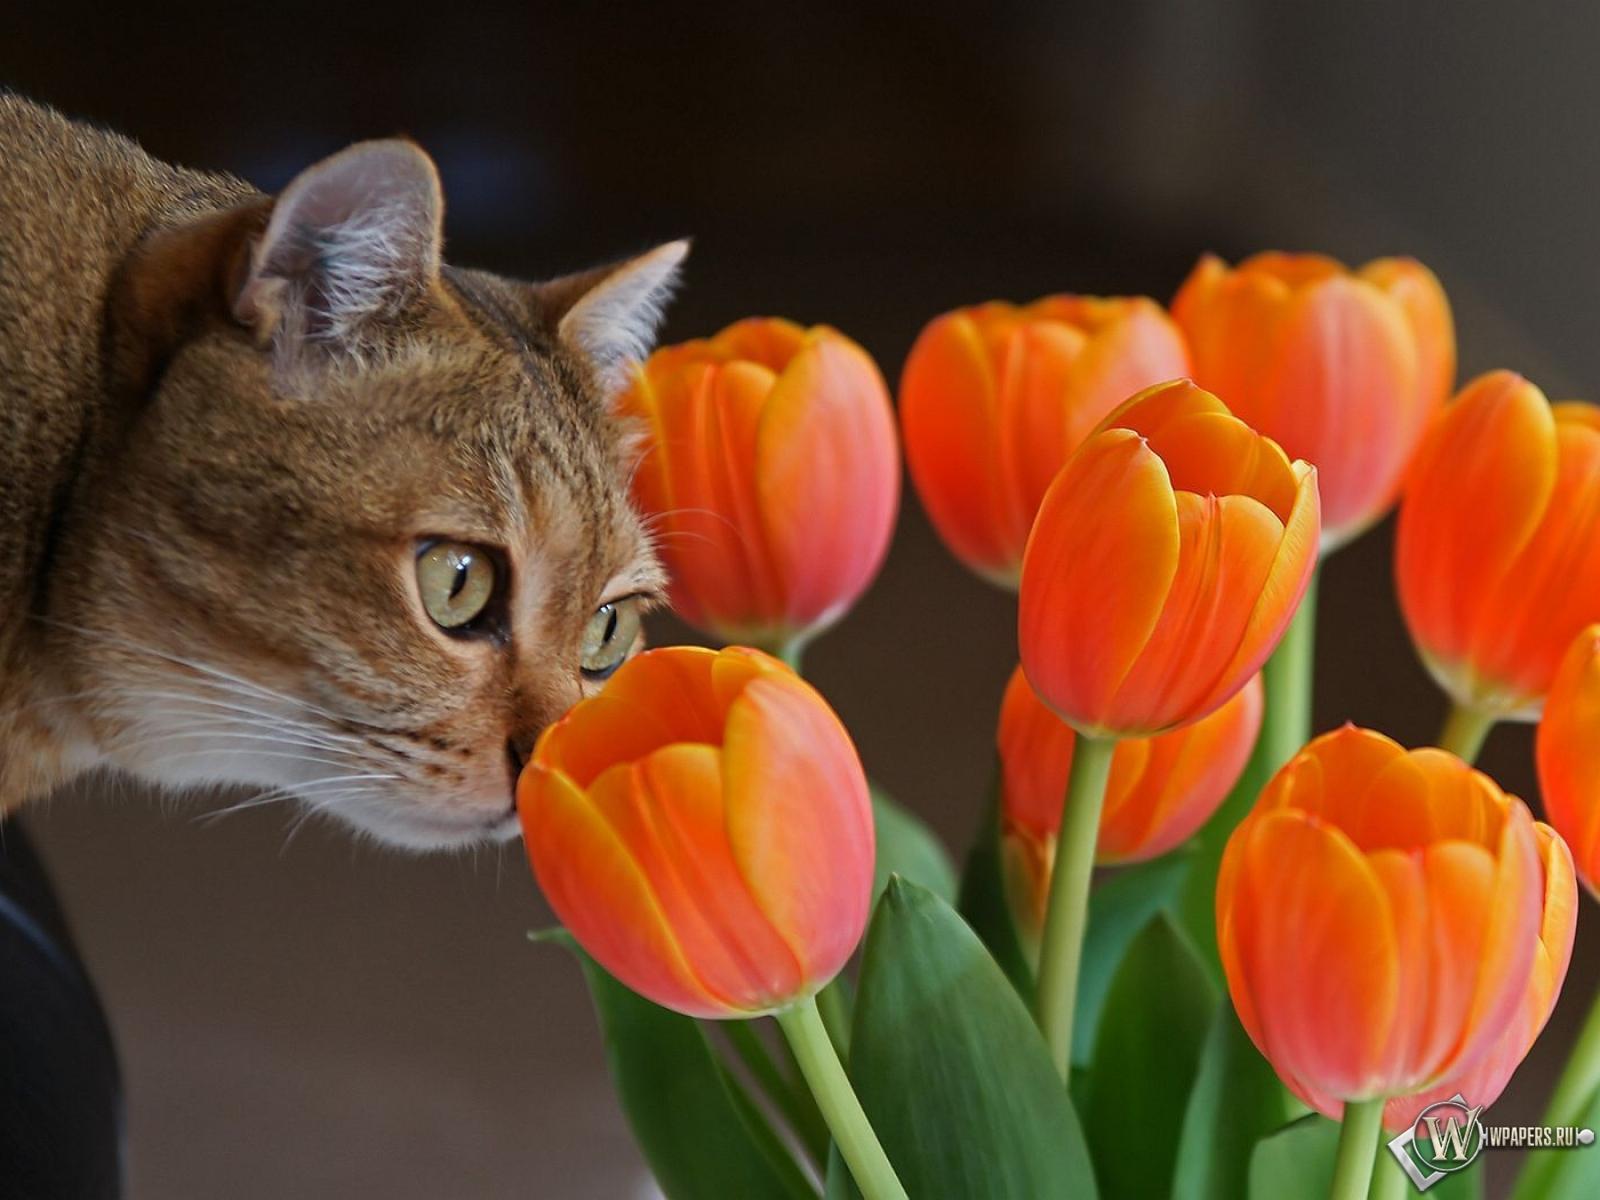 Кот с оранжевыми тюльпанами 1600x1200